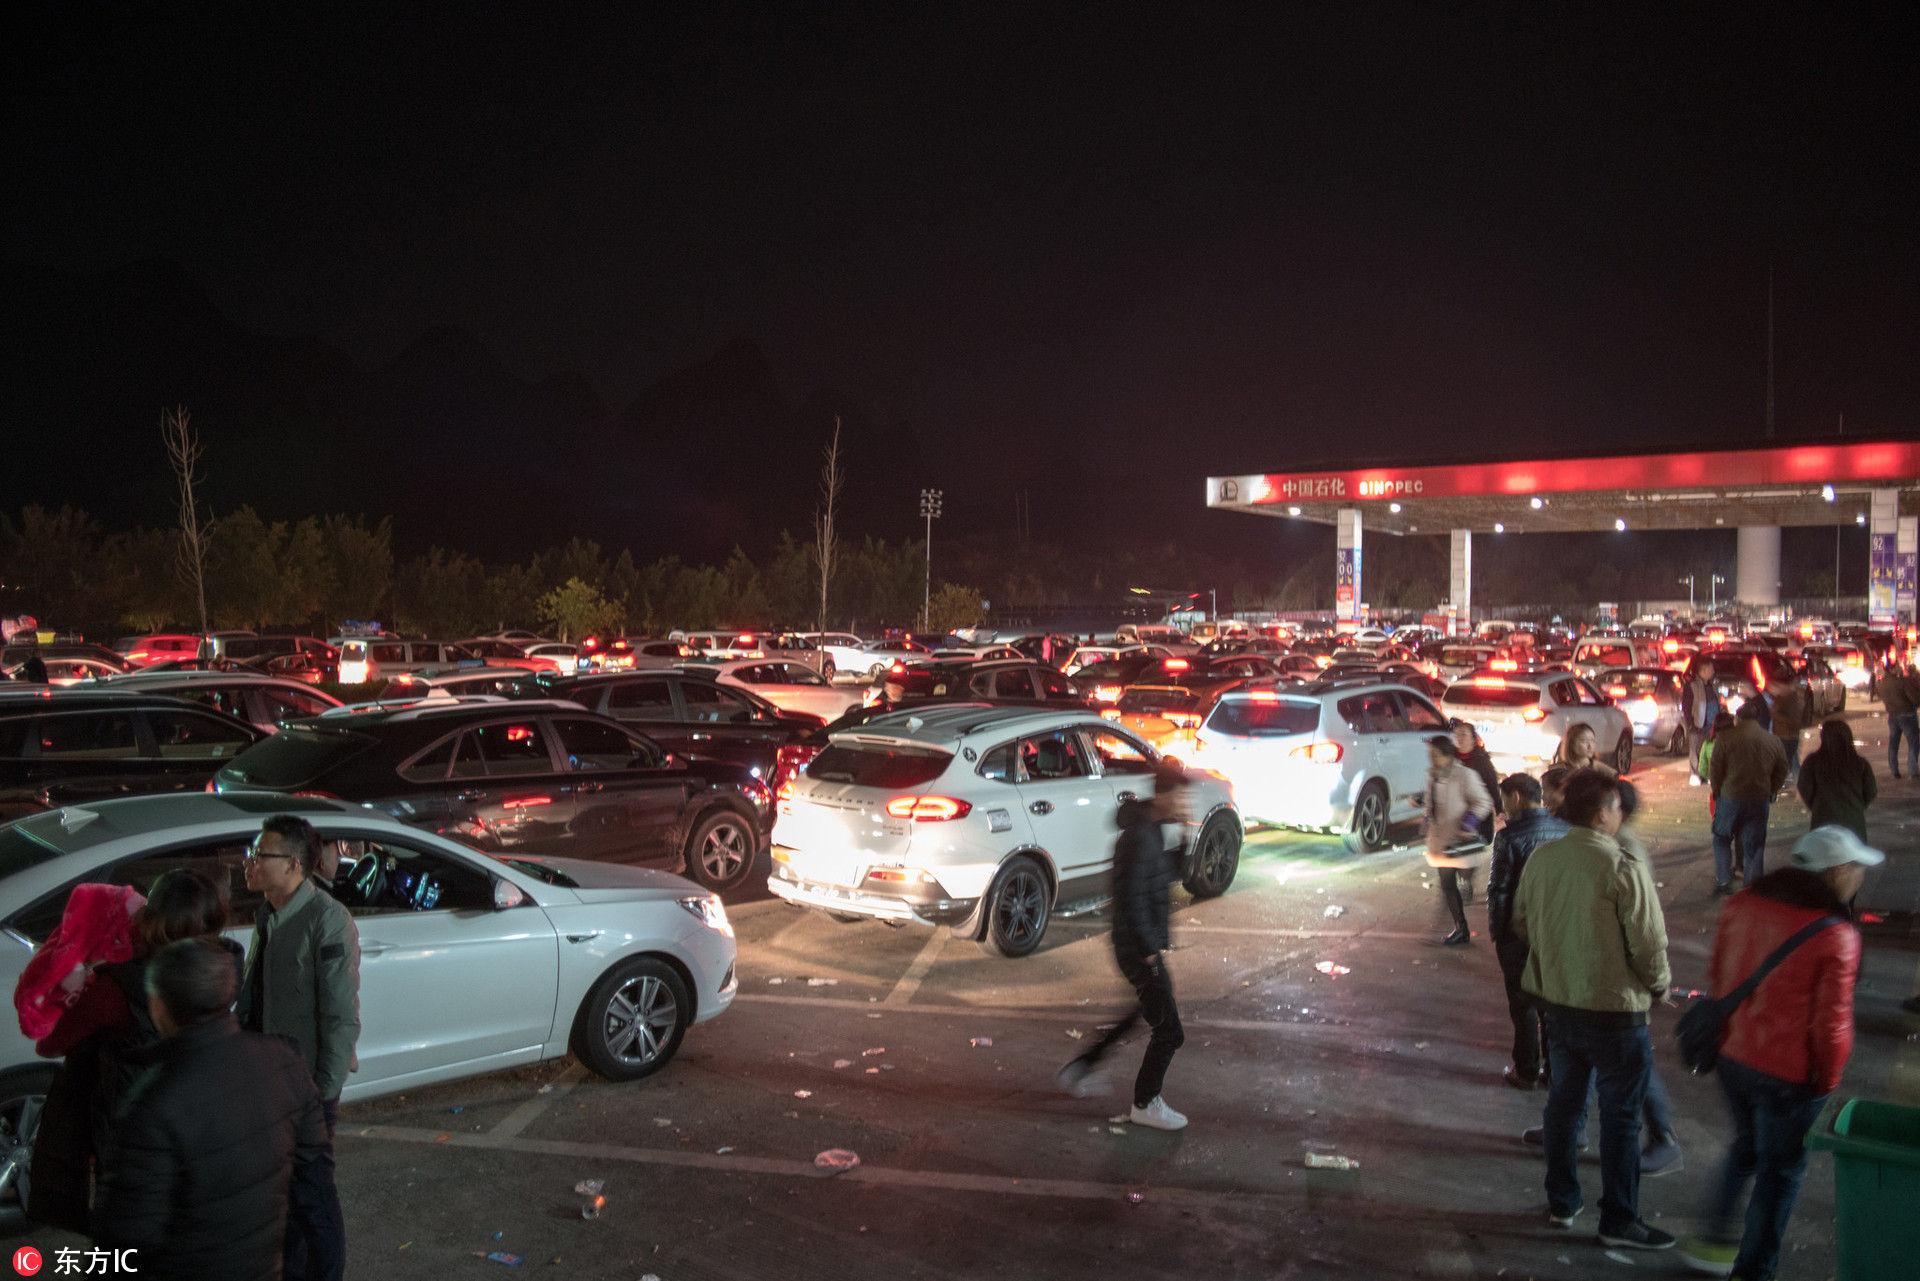 2018年2月2日凌晨5点,G65高速广西桂林境内,等待进服务区的车辆排队数十公里,有返乡的旅客下车散步。